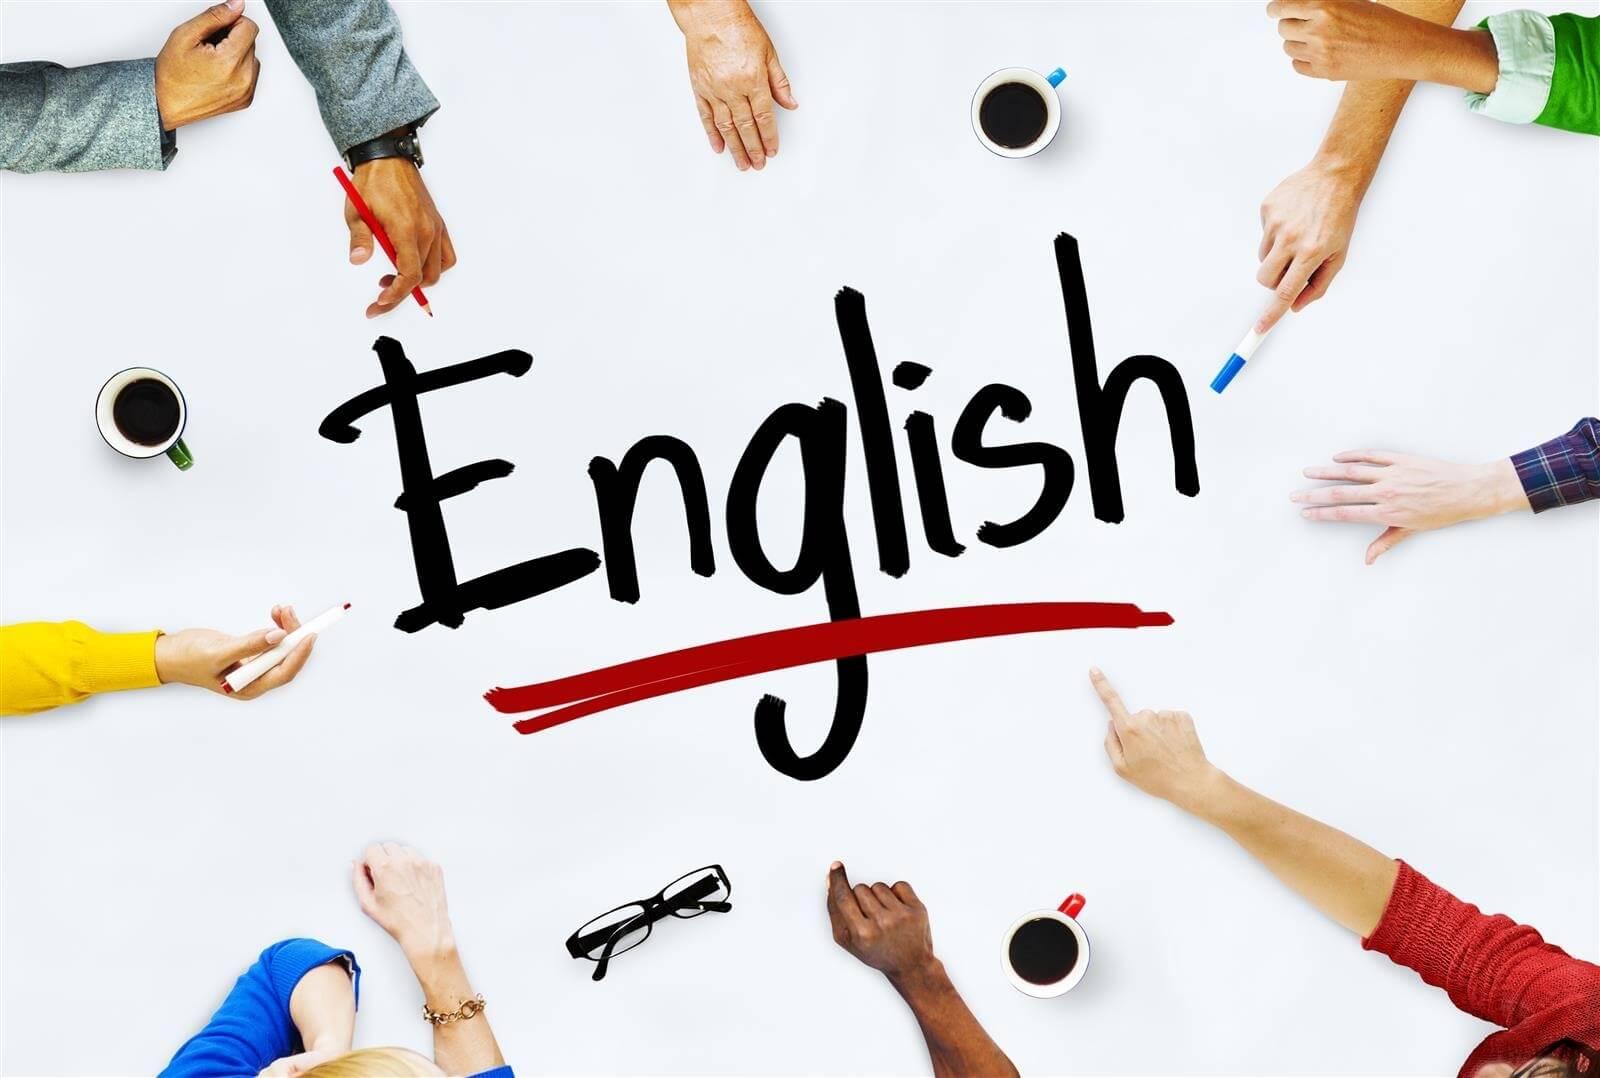 Лучшие фильмы на английском для изучения языка новичкам и не только